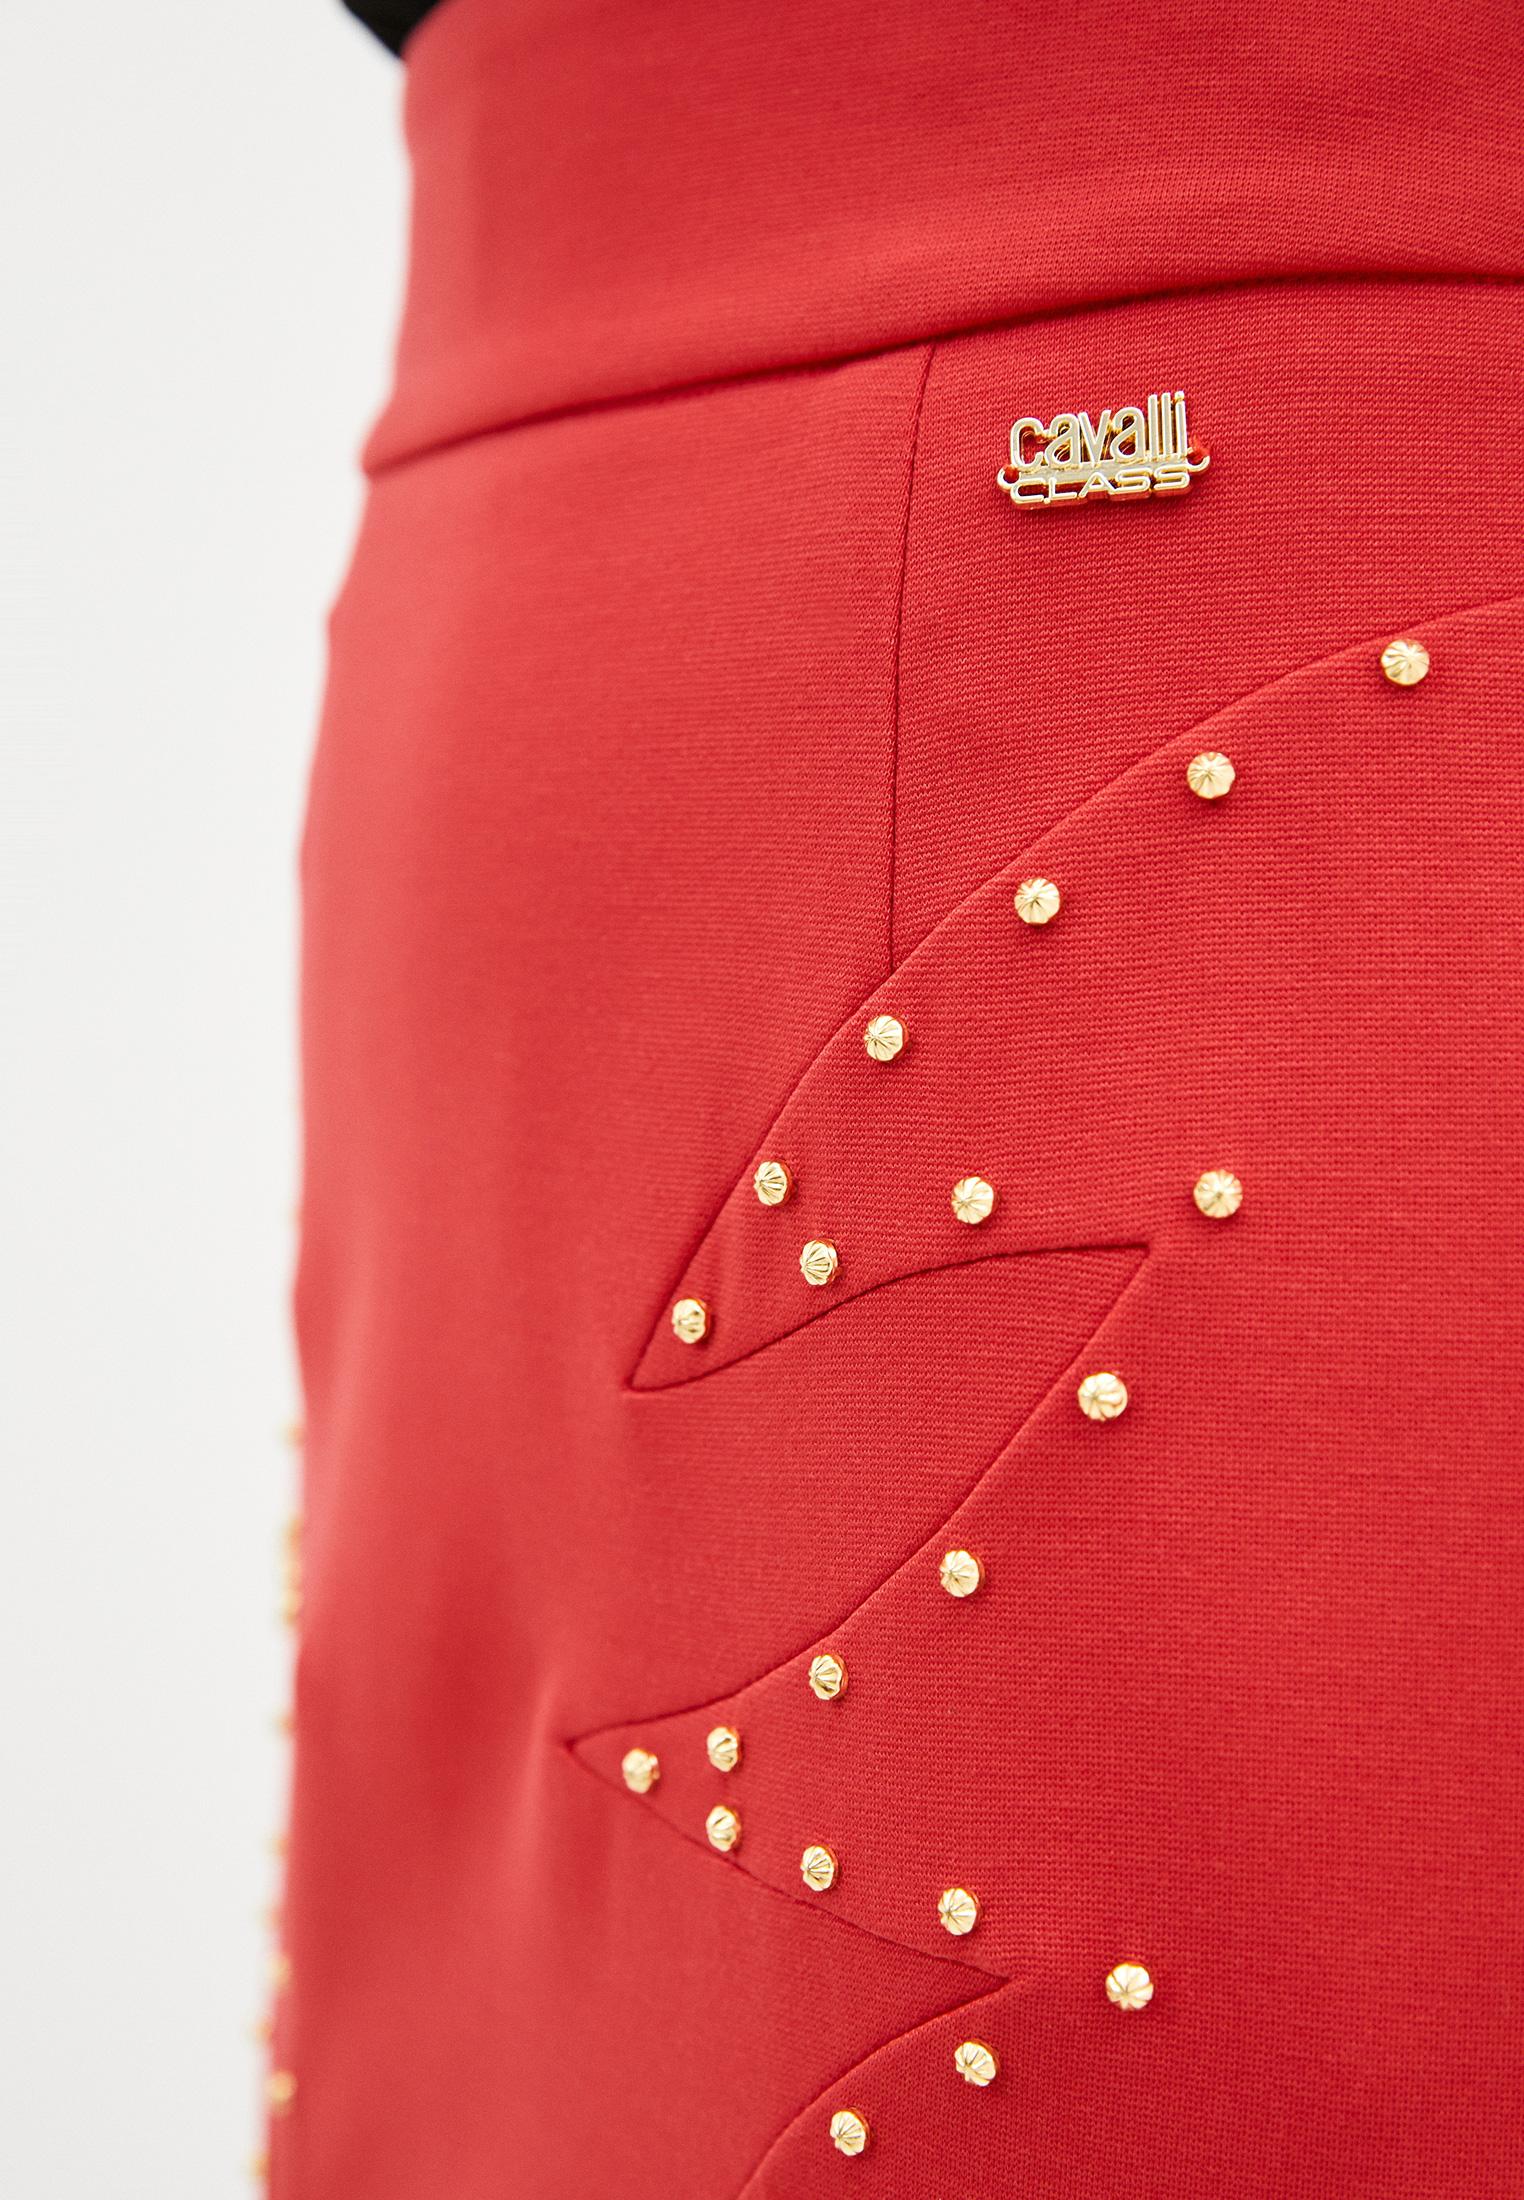 Прямая юбка Cavalli Class A9IVA3109013: изображение 5